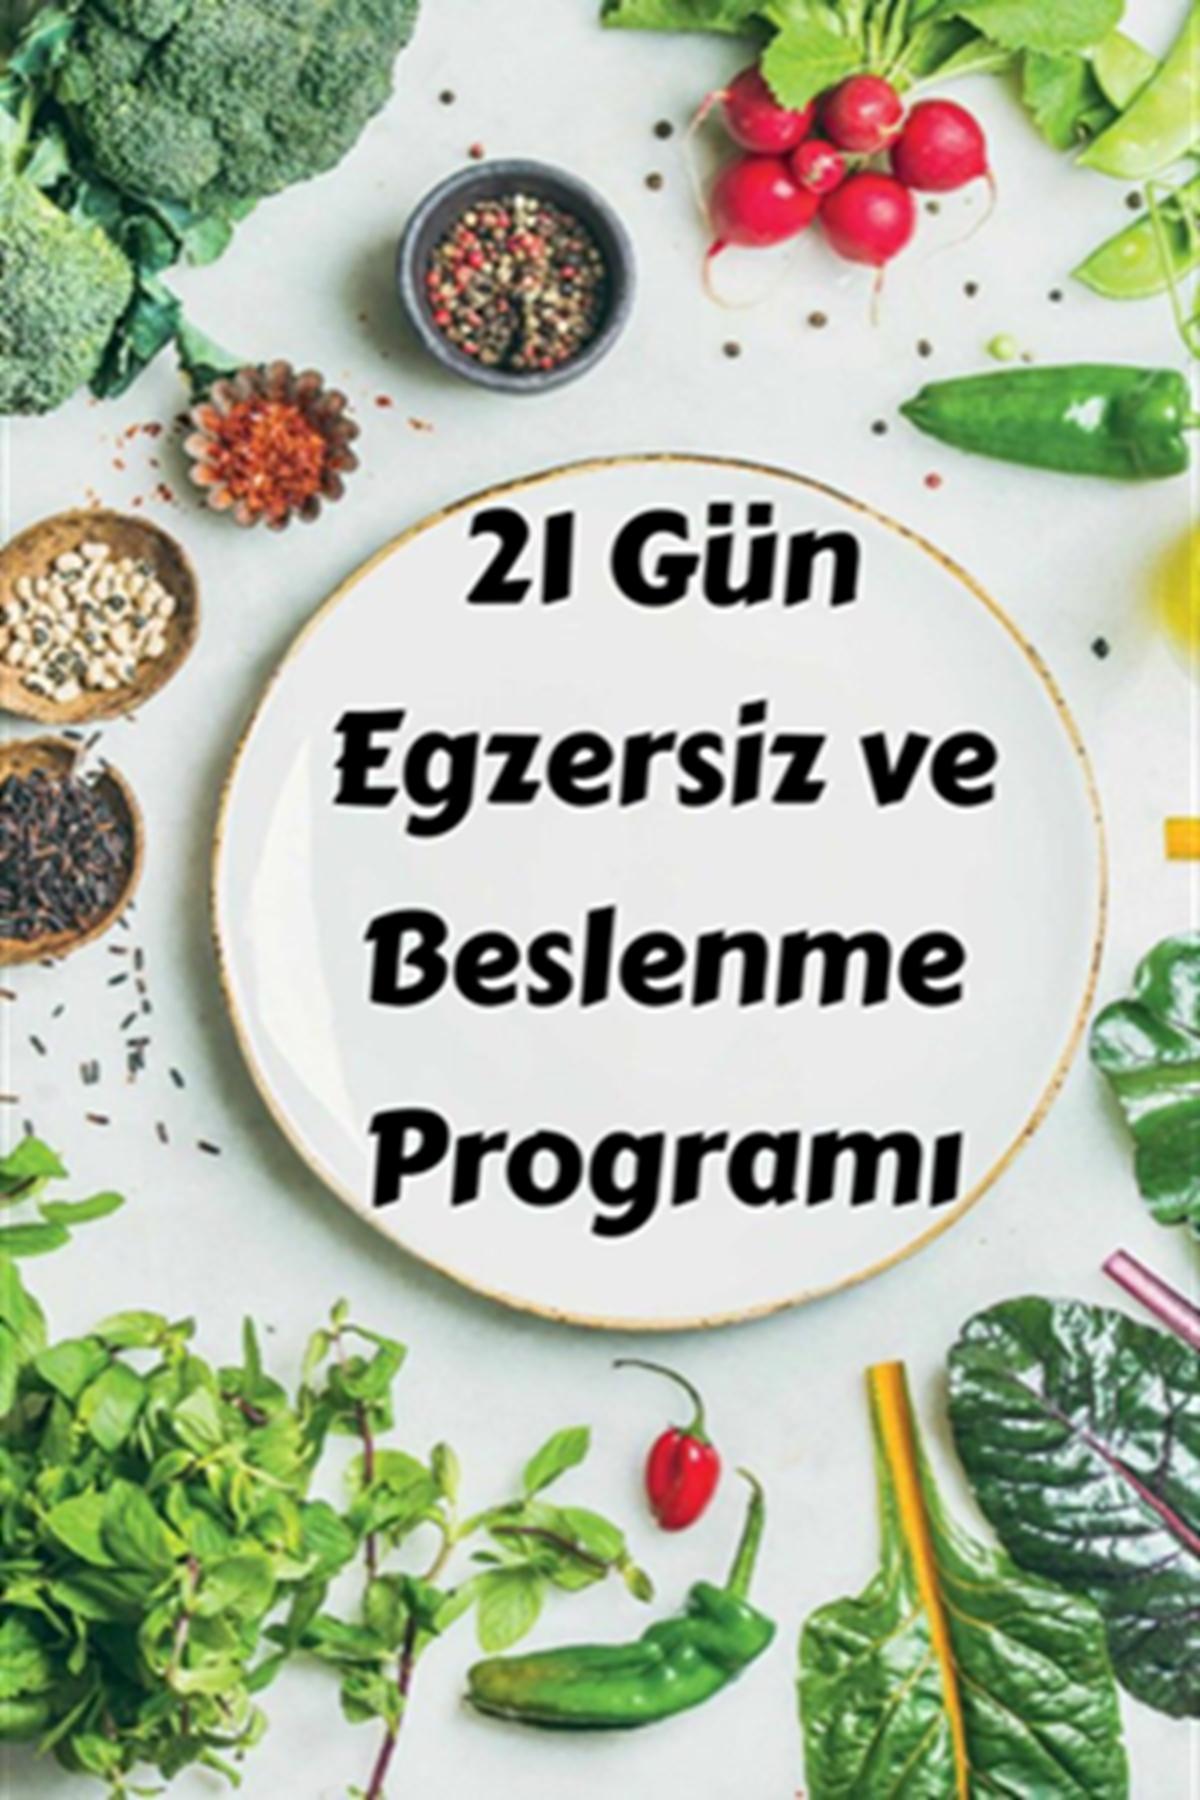 21 Gün Beslenme ve Egzersiz Programı 1 Mart